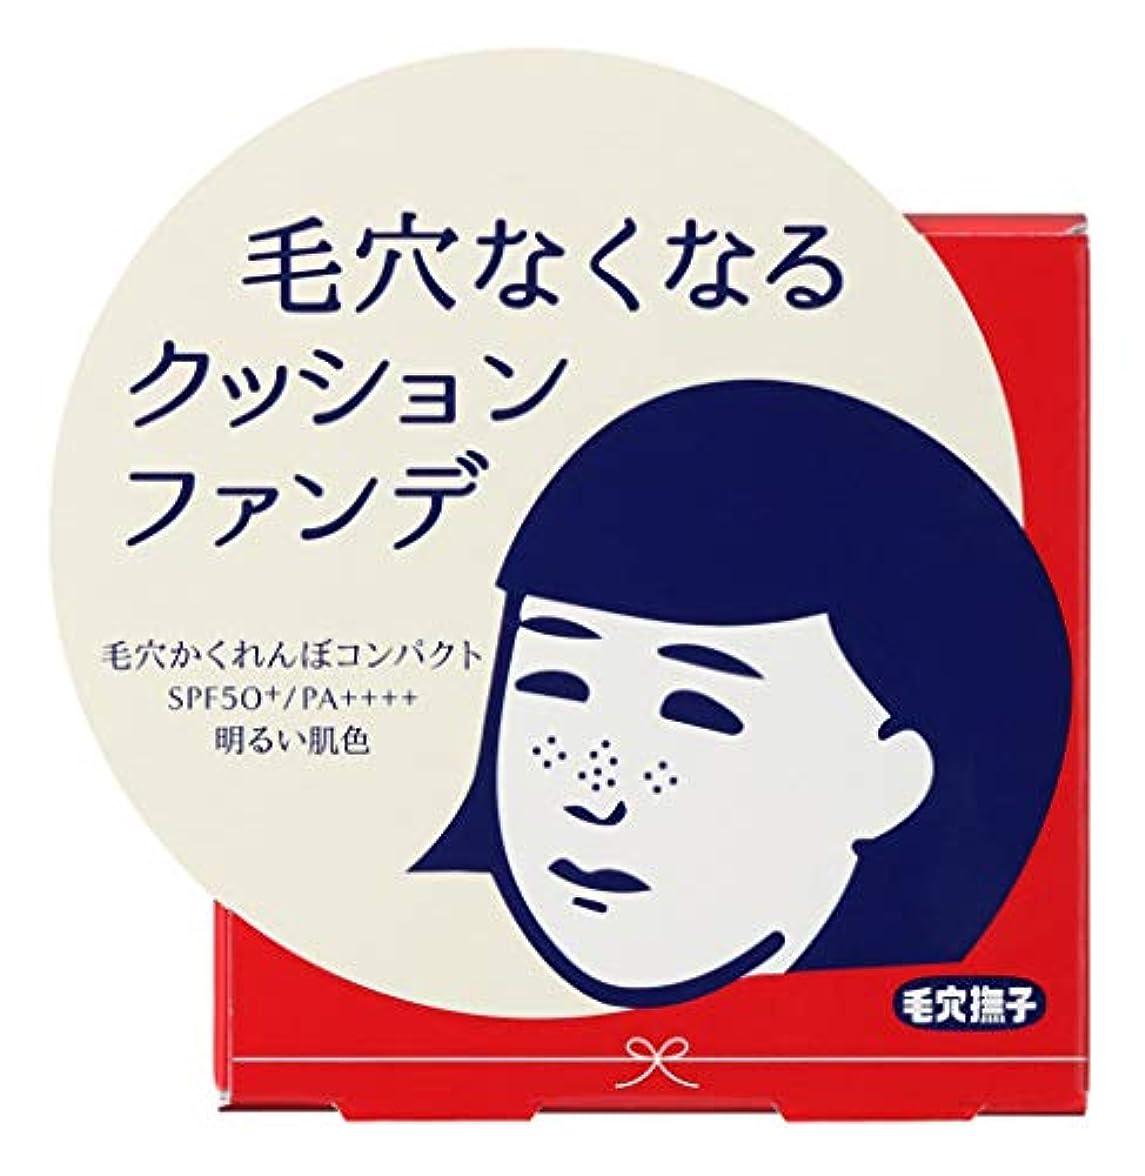 鉄従うマント毛穴撫子 毛穴かくれんぼコンパクト(明るい肌色)